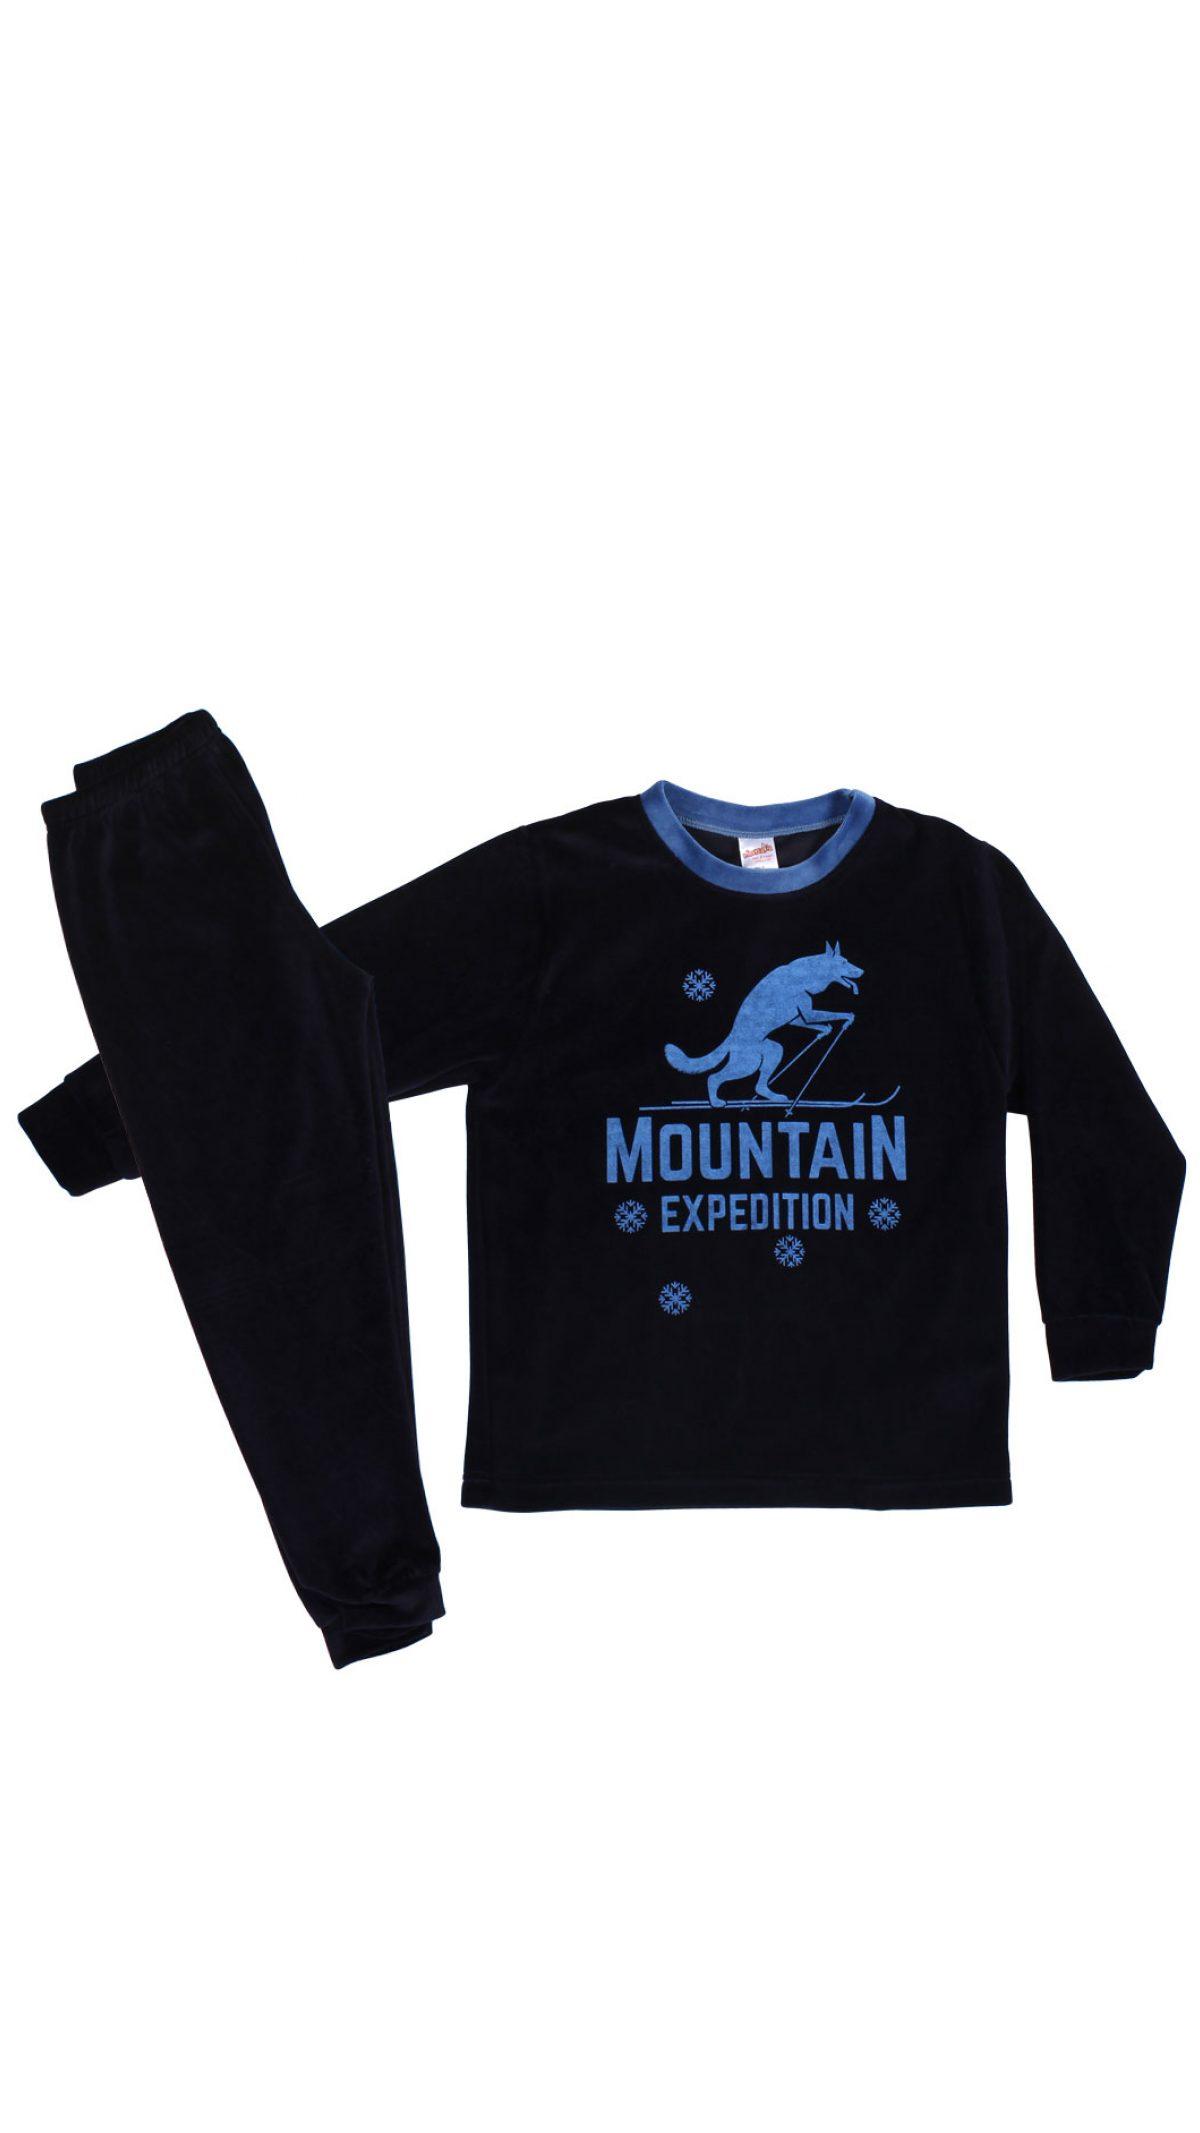 Ρούχα για Αγόρια - Πυτζάμες για Αγόρια